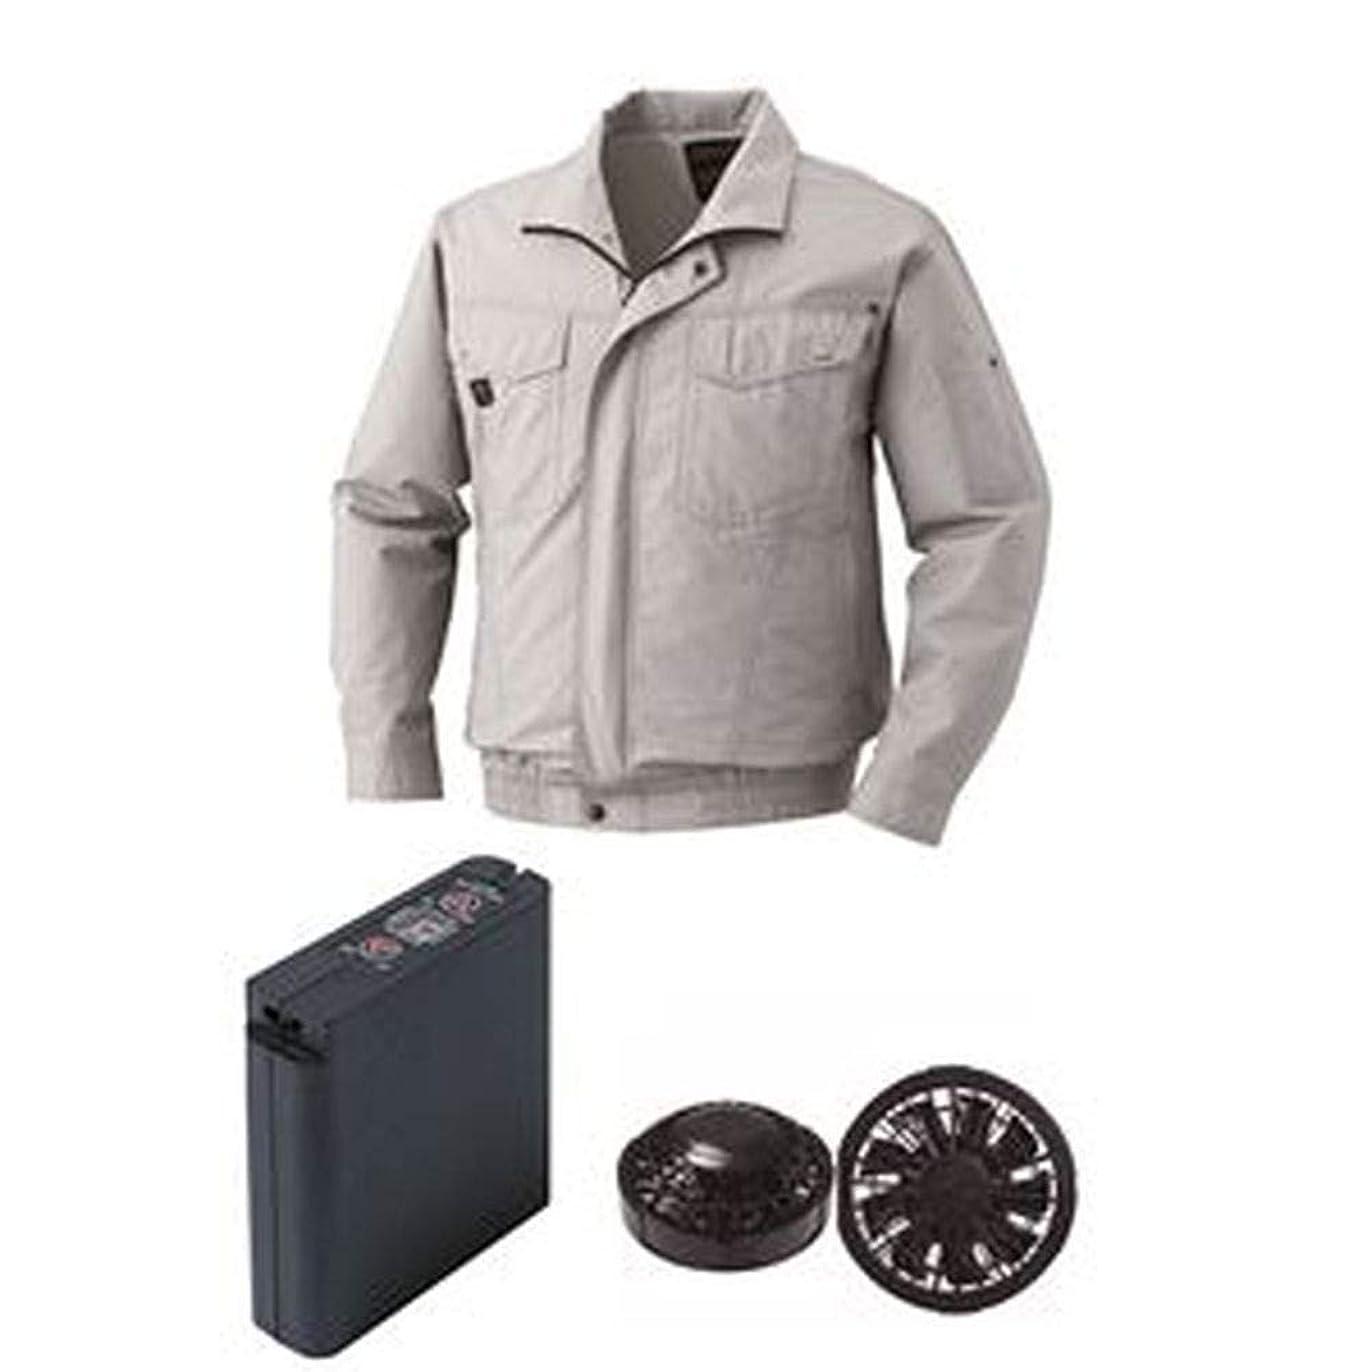 思春期の成人期邪魔する空調服/綿薄手タチエリ空調服/大容量バッテリーセット/ファンカラー:ブラック / 1400B22C06S3 / - カラー:シルバー/サイズ:L / -